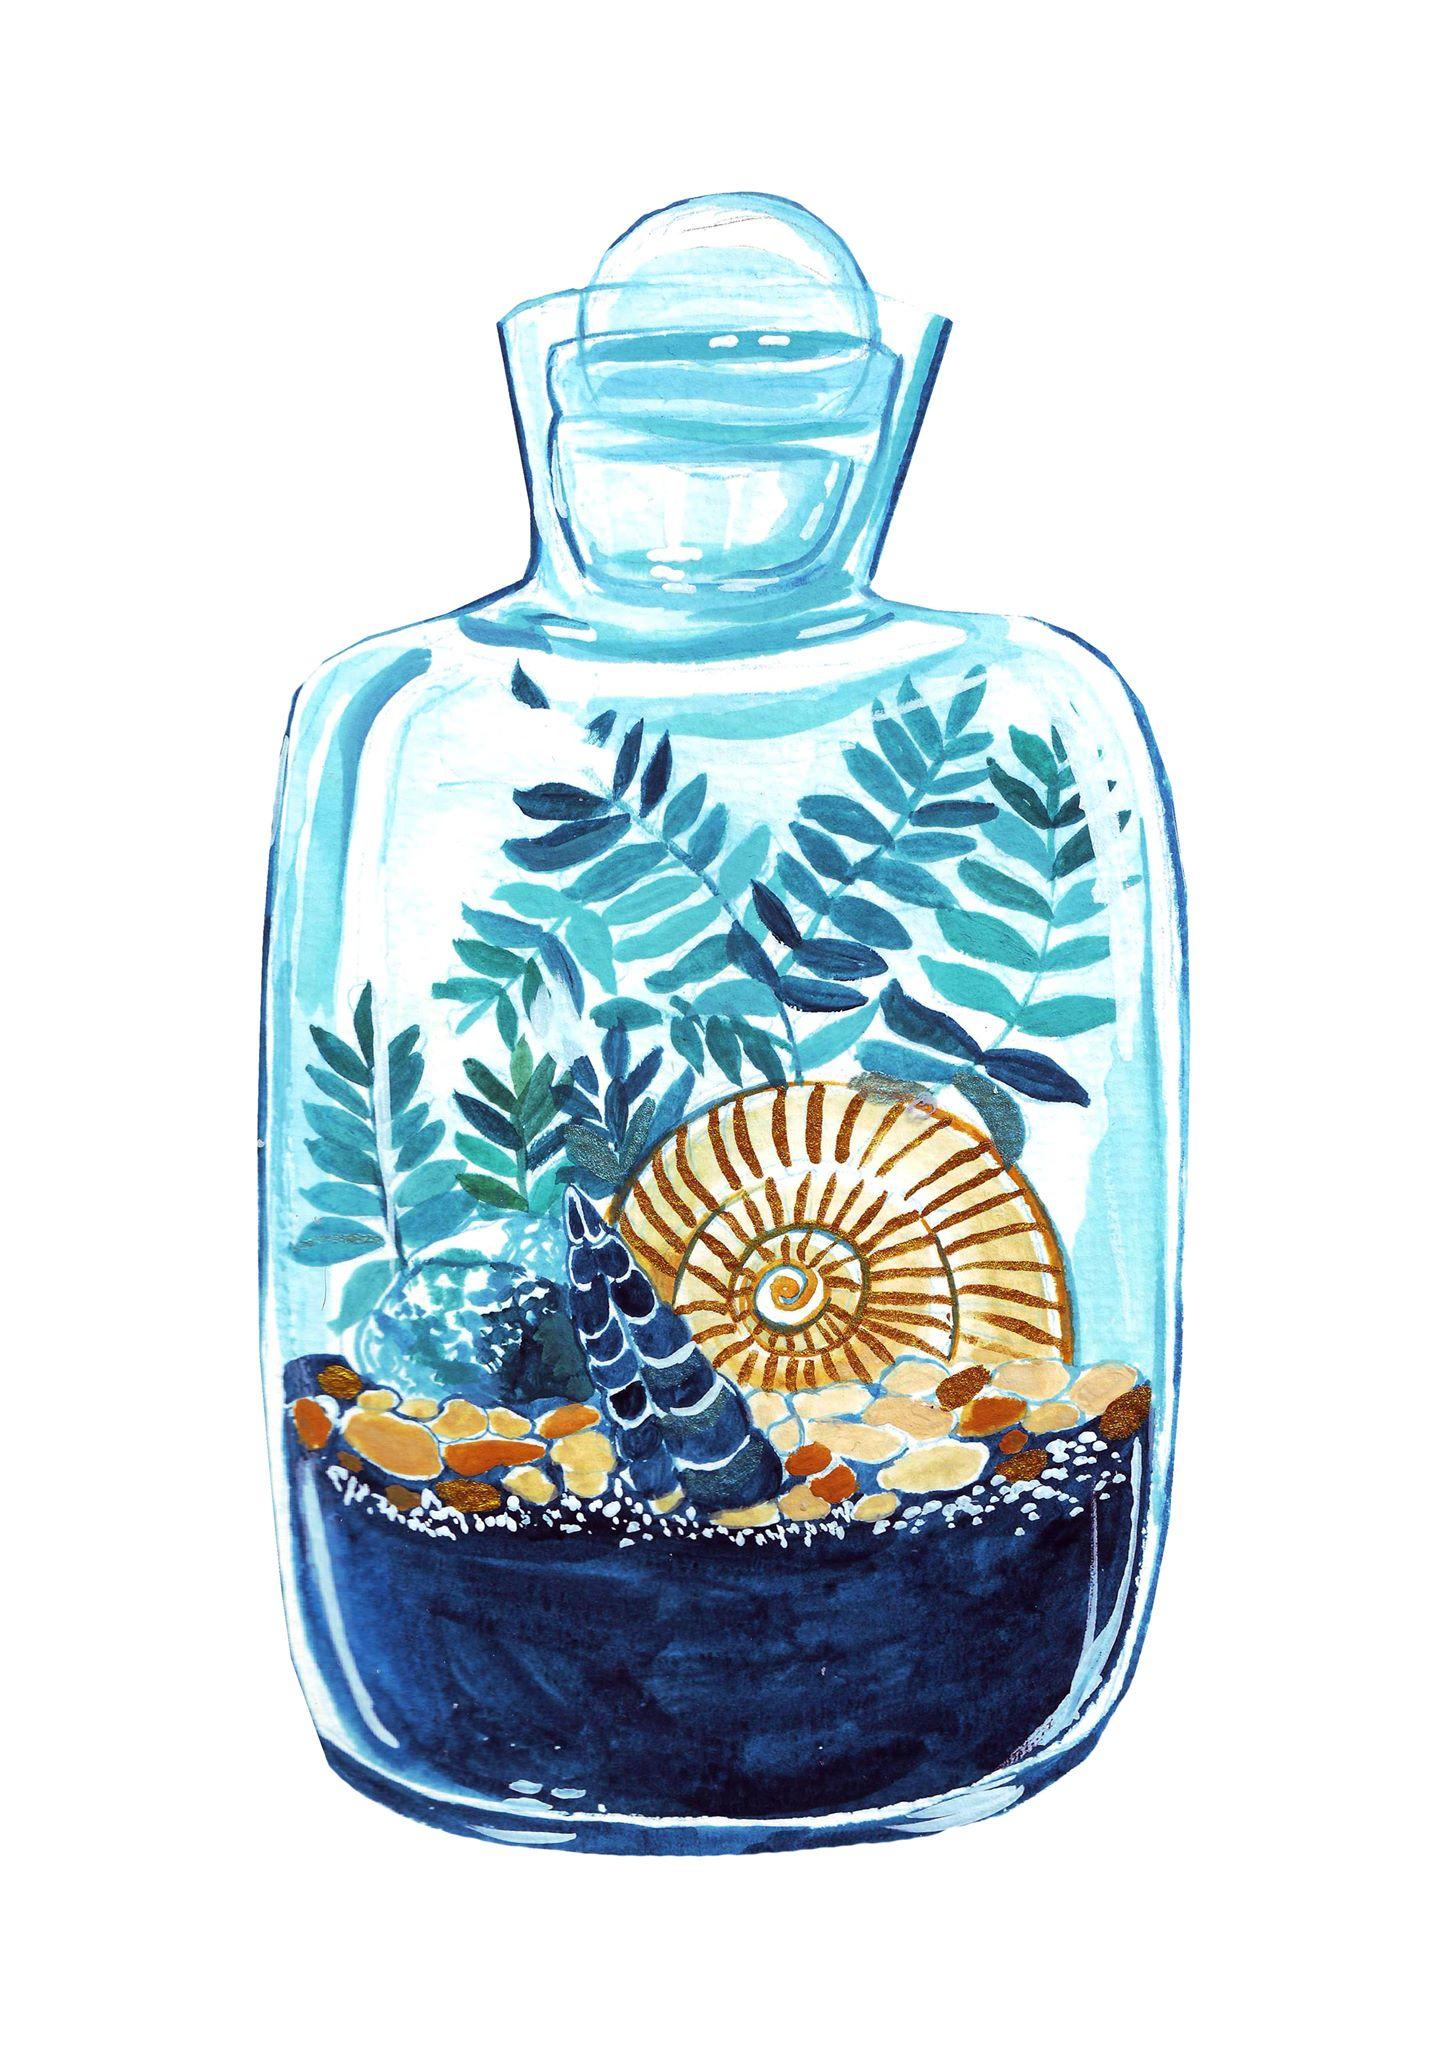 Terrarium Jar by Anca Pora